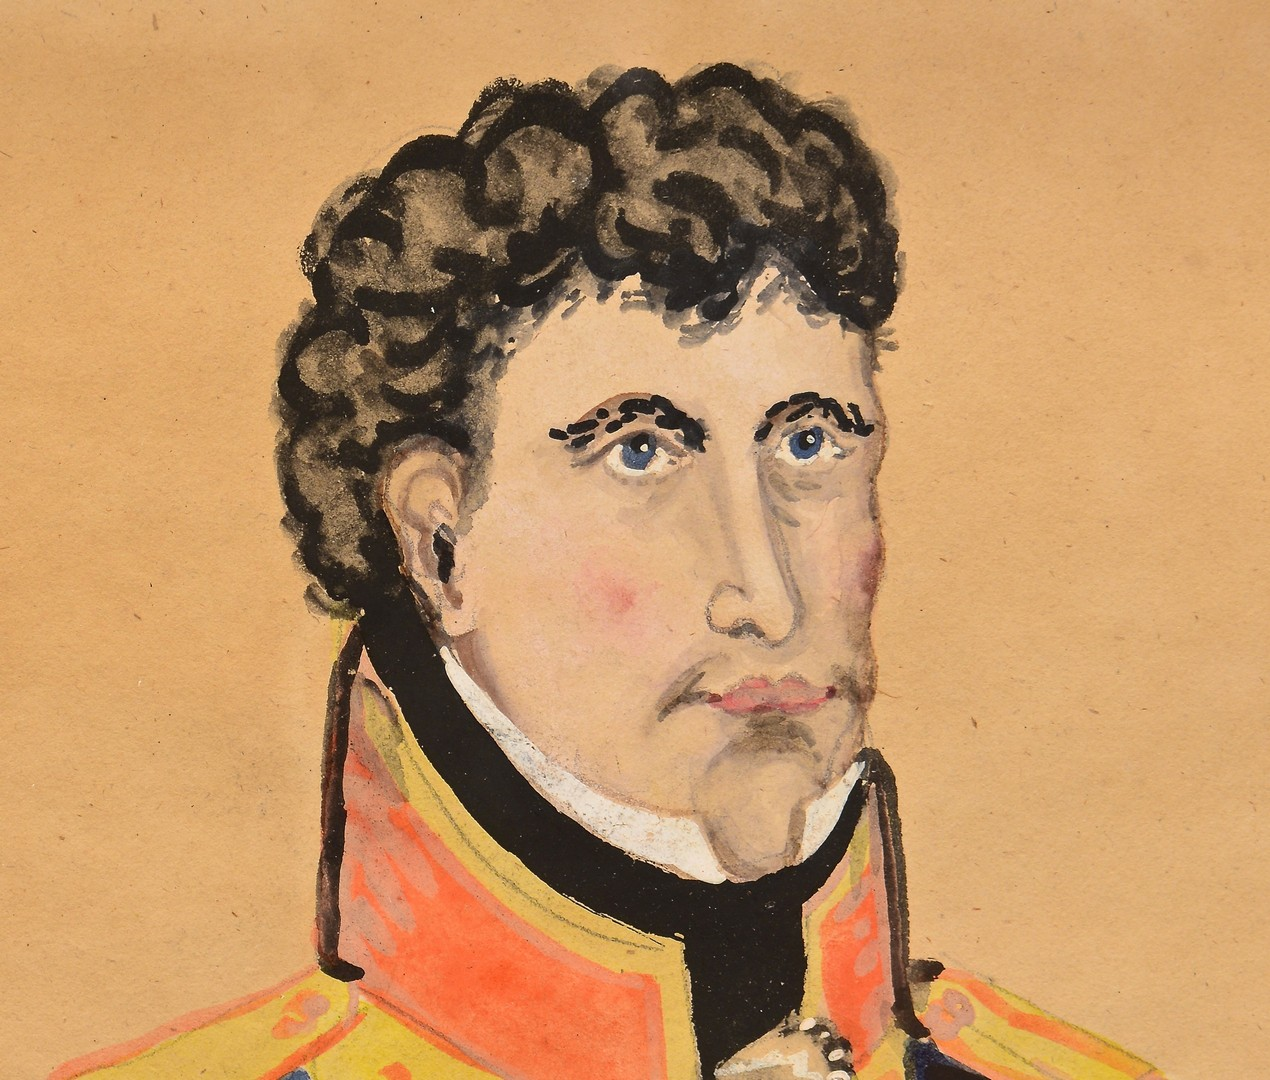 Lot 568: Folk Art Portrait of President Andrew Jackson